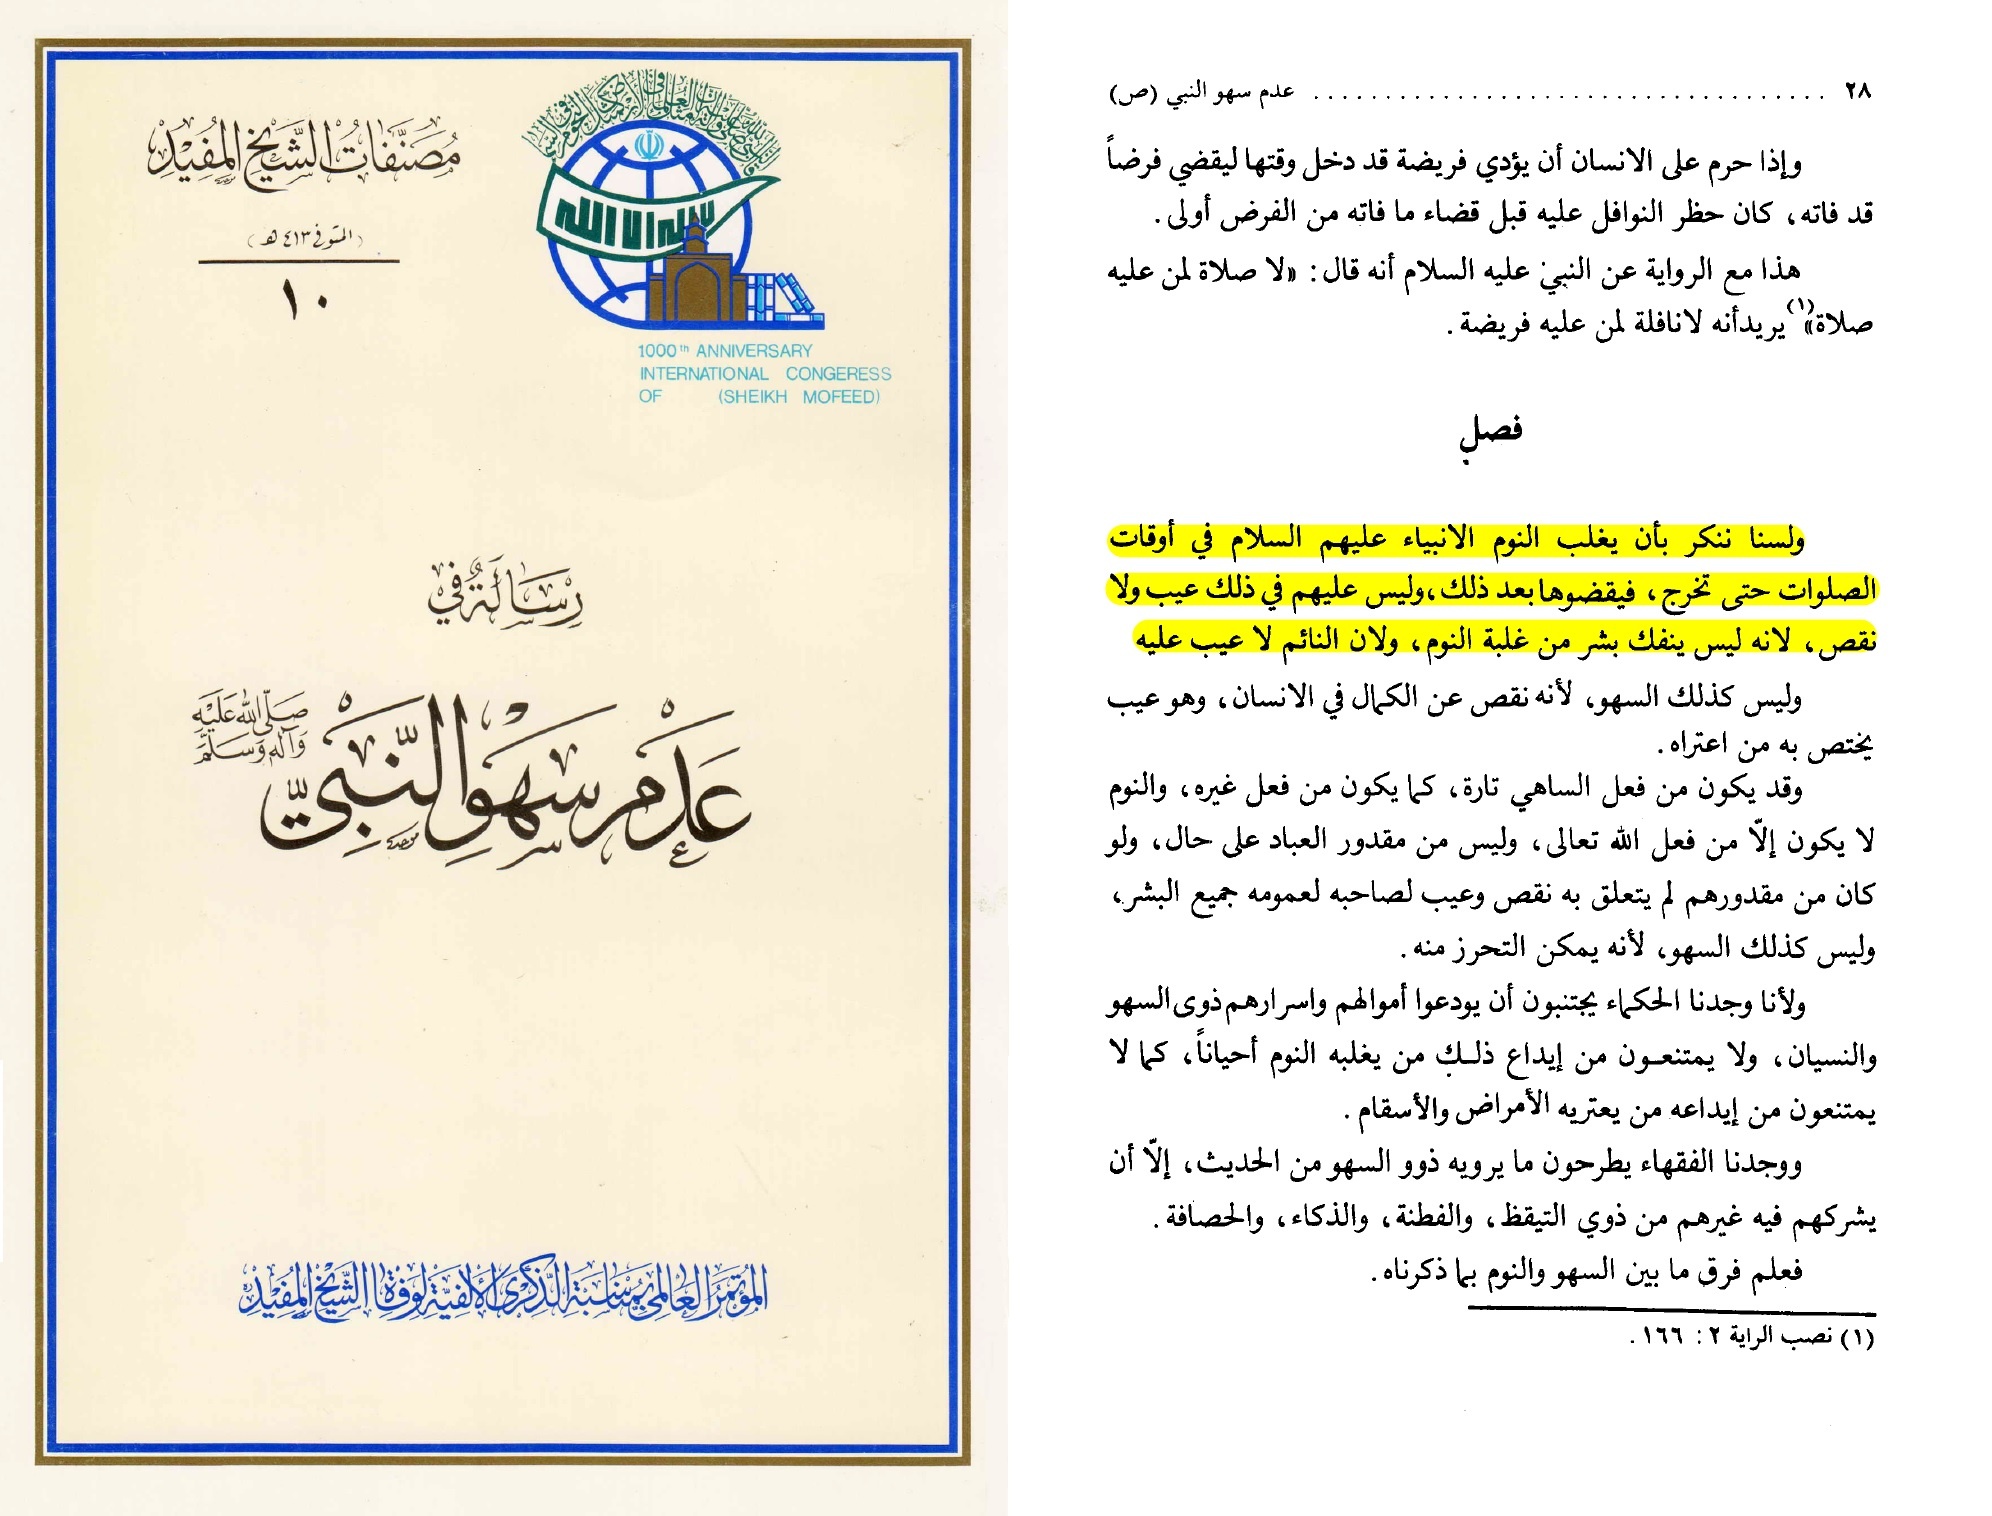 resalat-e-3adam-e-sahw-s-28